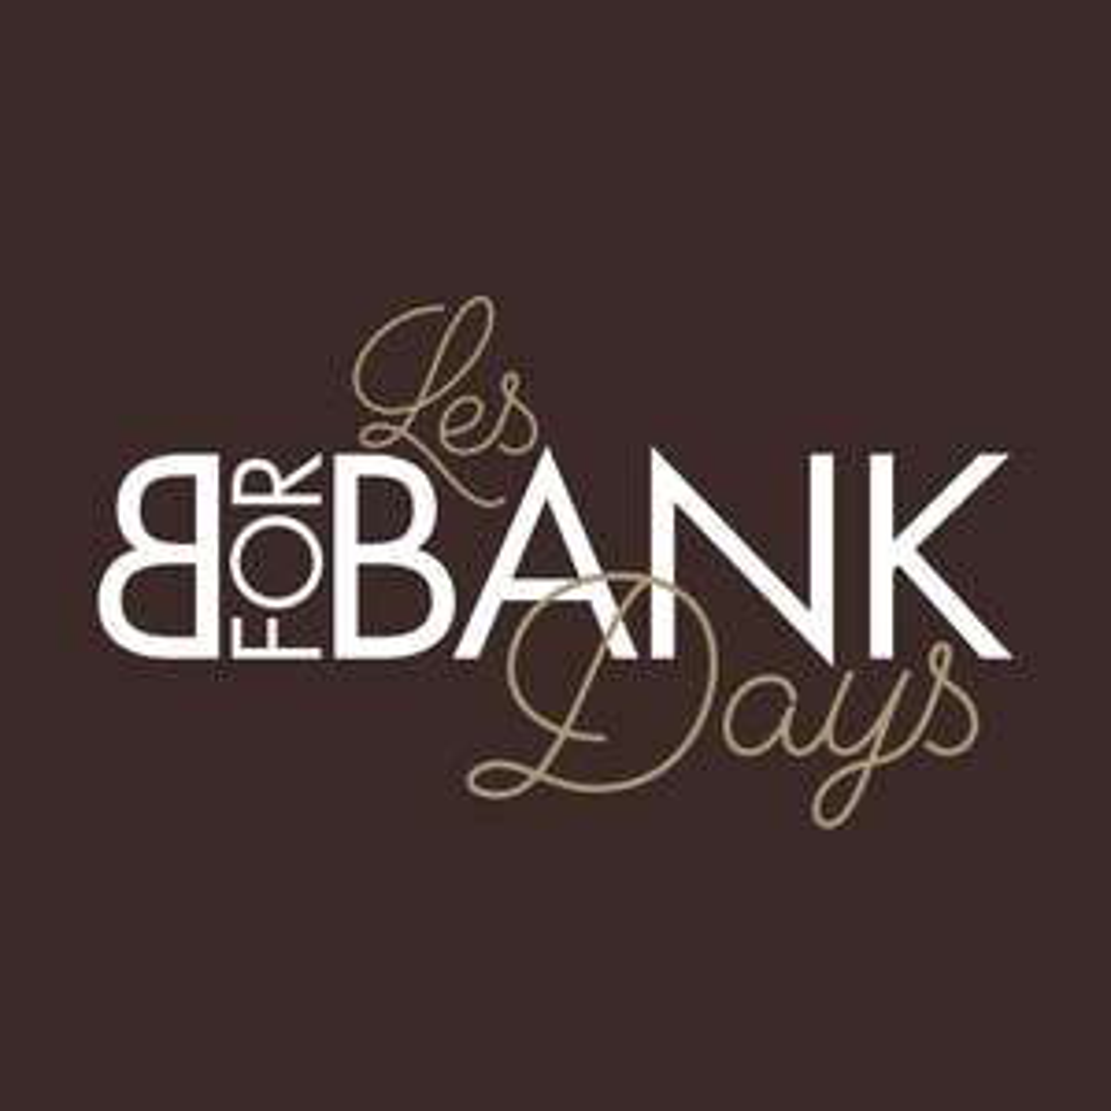 [Nouveaux clients / Sous Conditions] Jusqu'à 160€ offerts à l'ouverture d'un compte bancaire et d'un livret d'Epargne